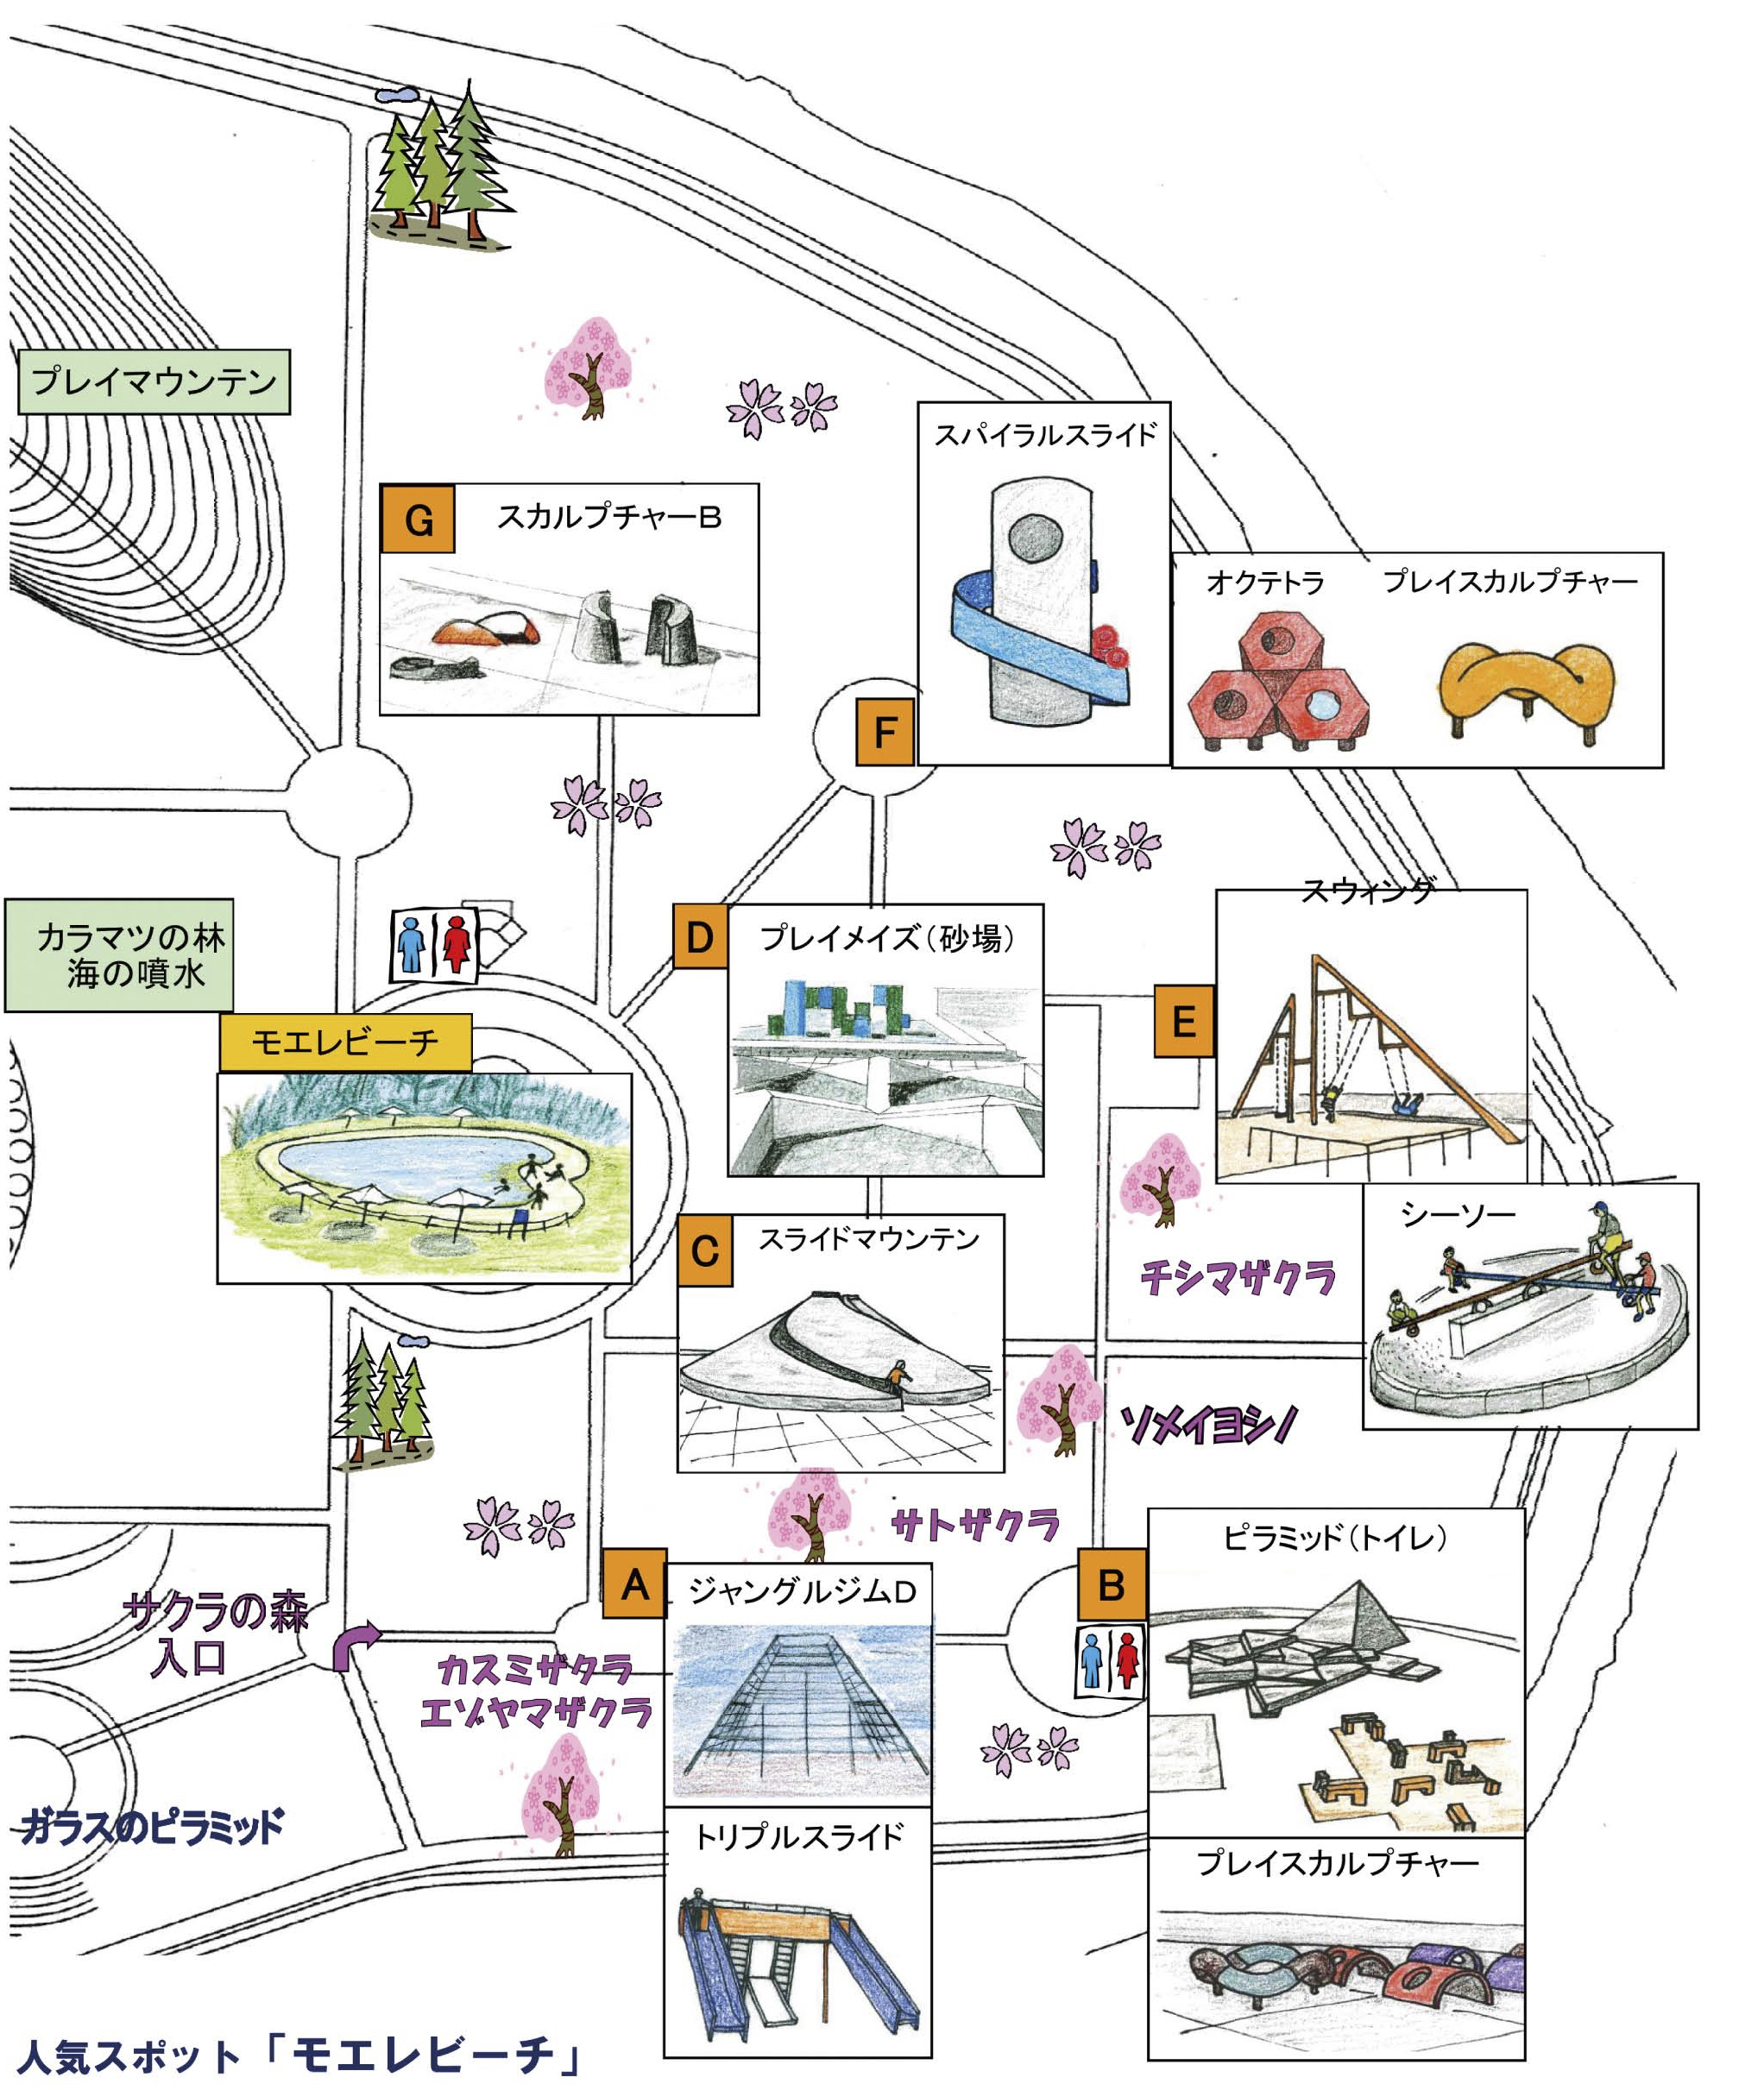 モエレ沼公園-2-遊具